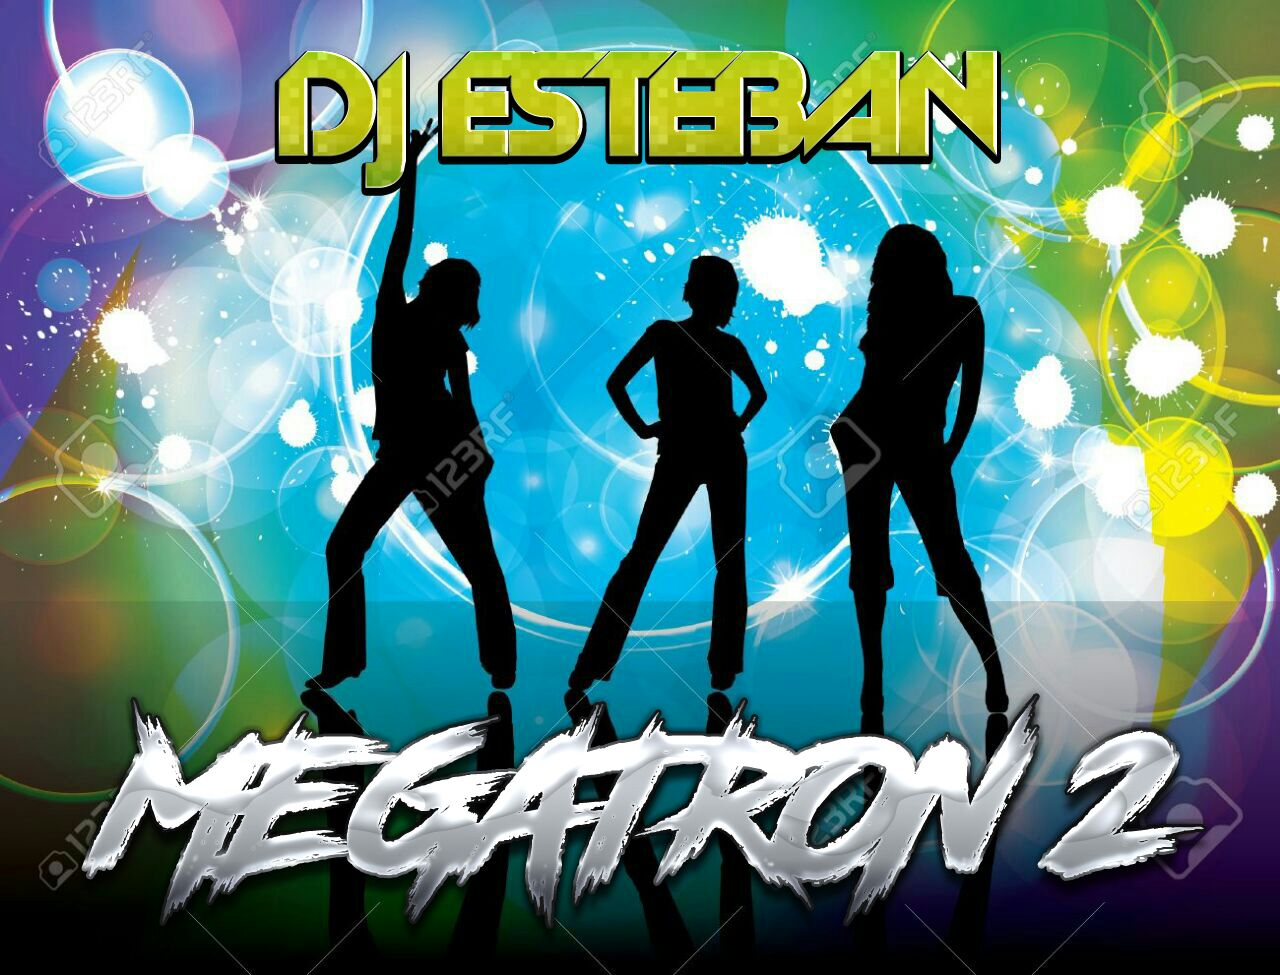 MEGATRON 2 FELICES FIESTAS DJ ESTEBAN